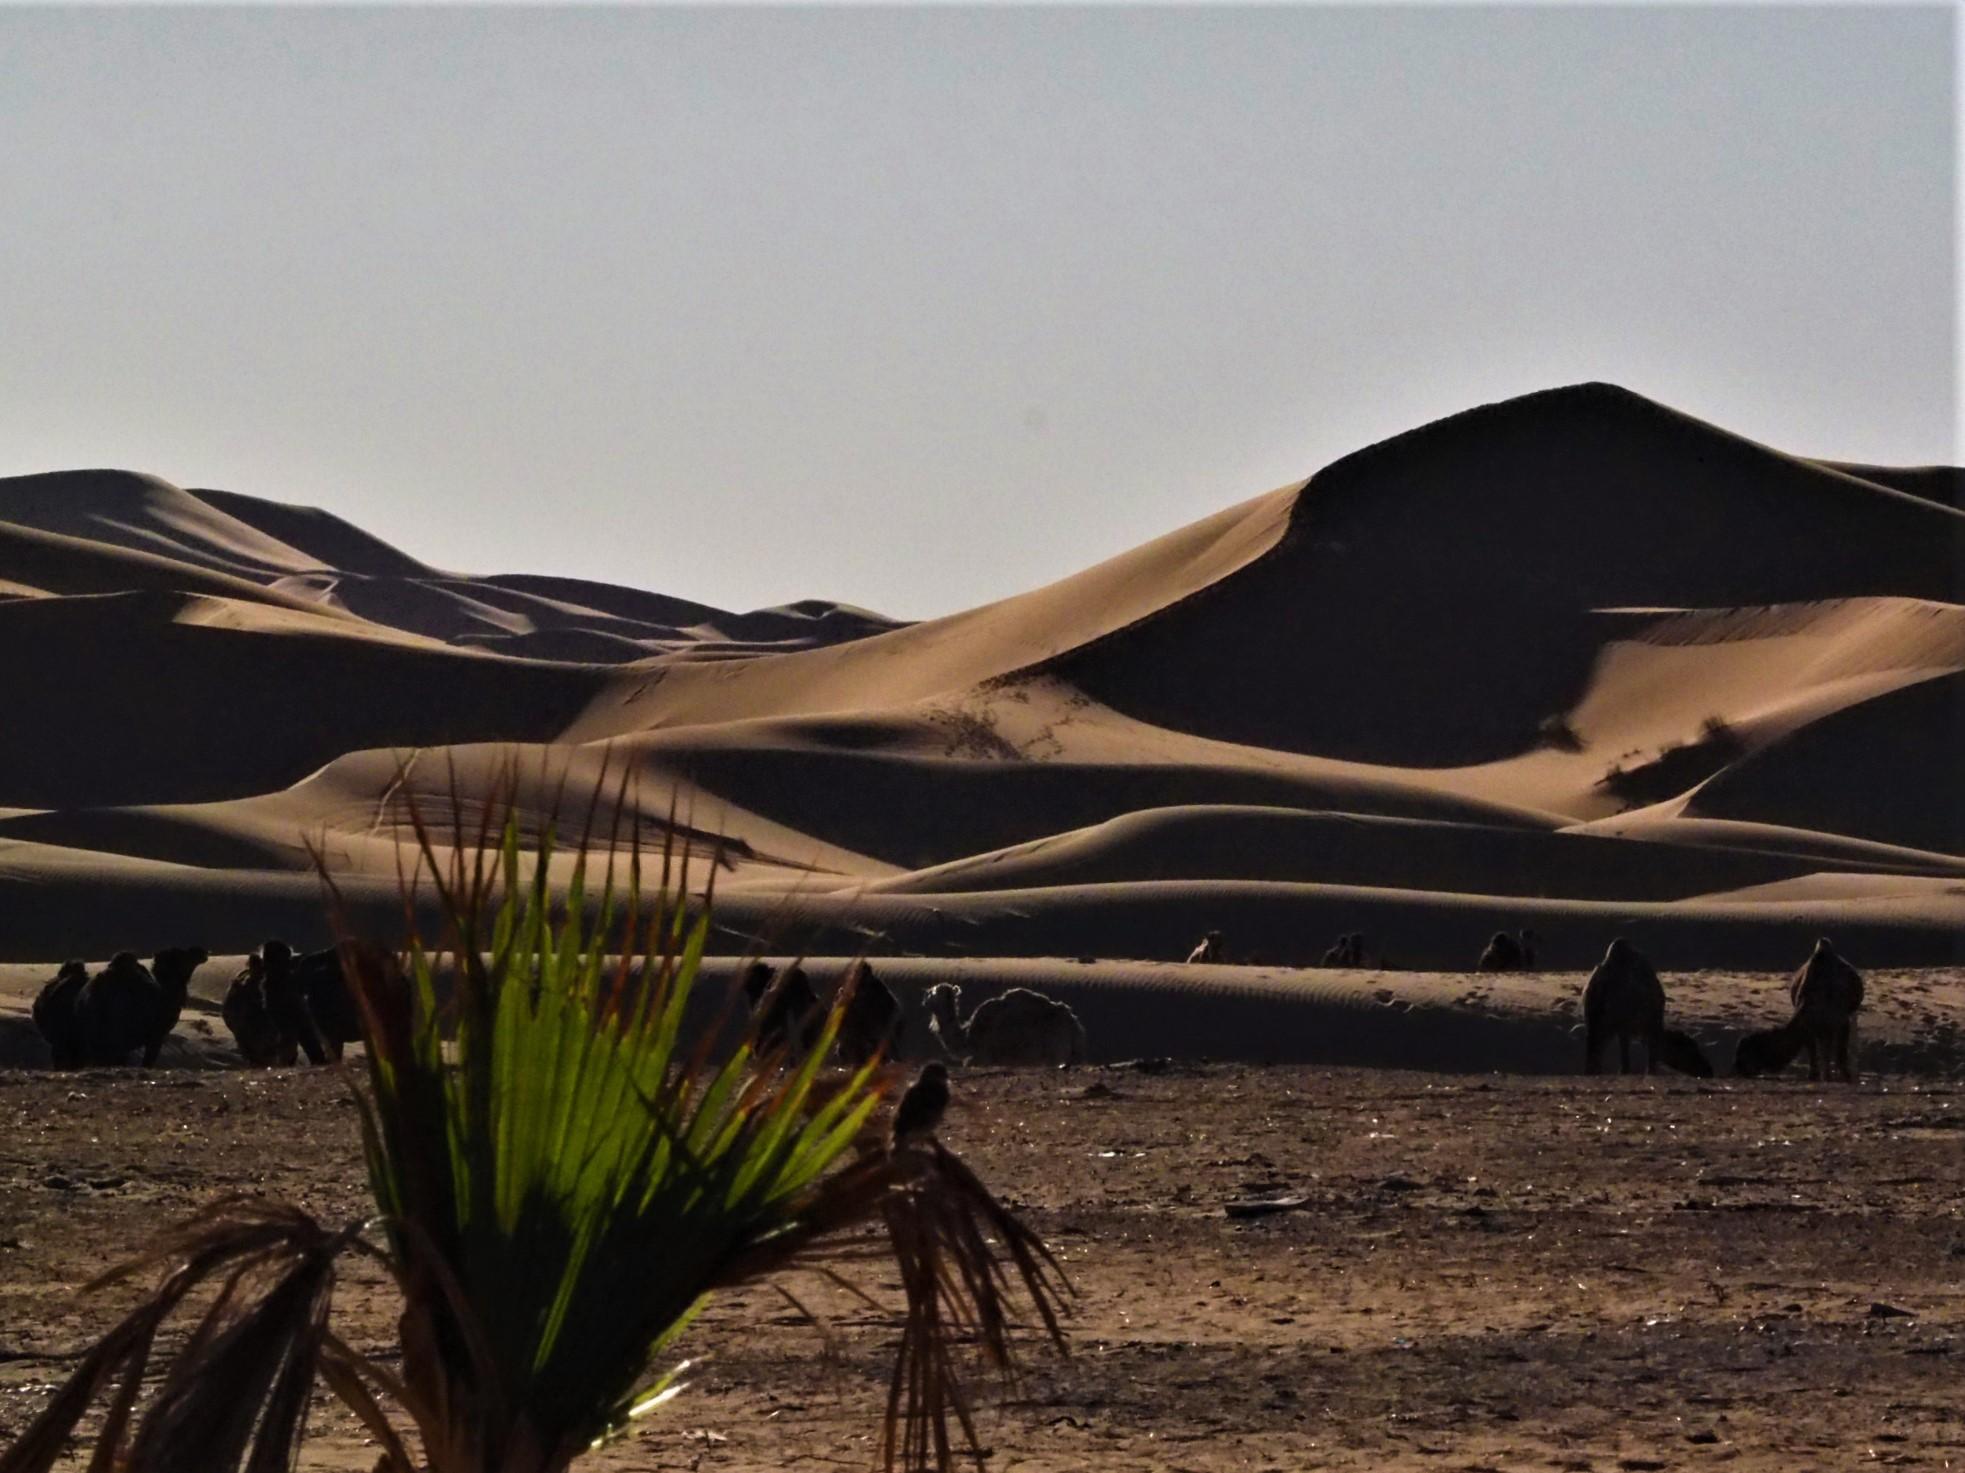 Notte nel deserto a Merzouga - annavagabonda